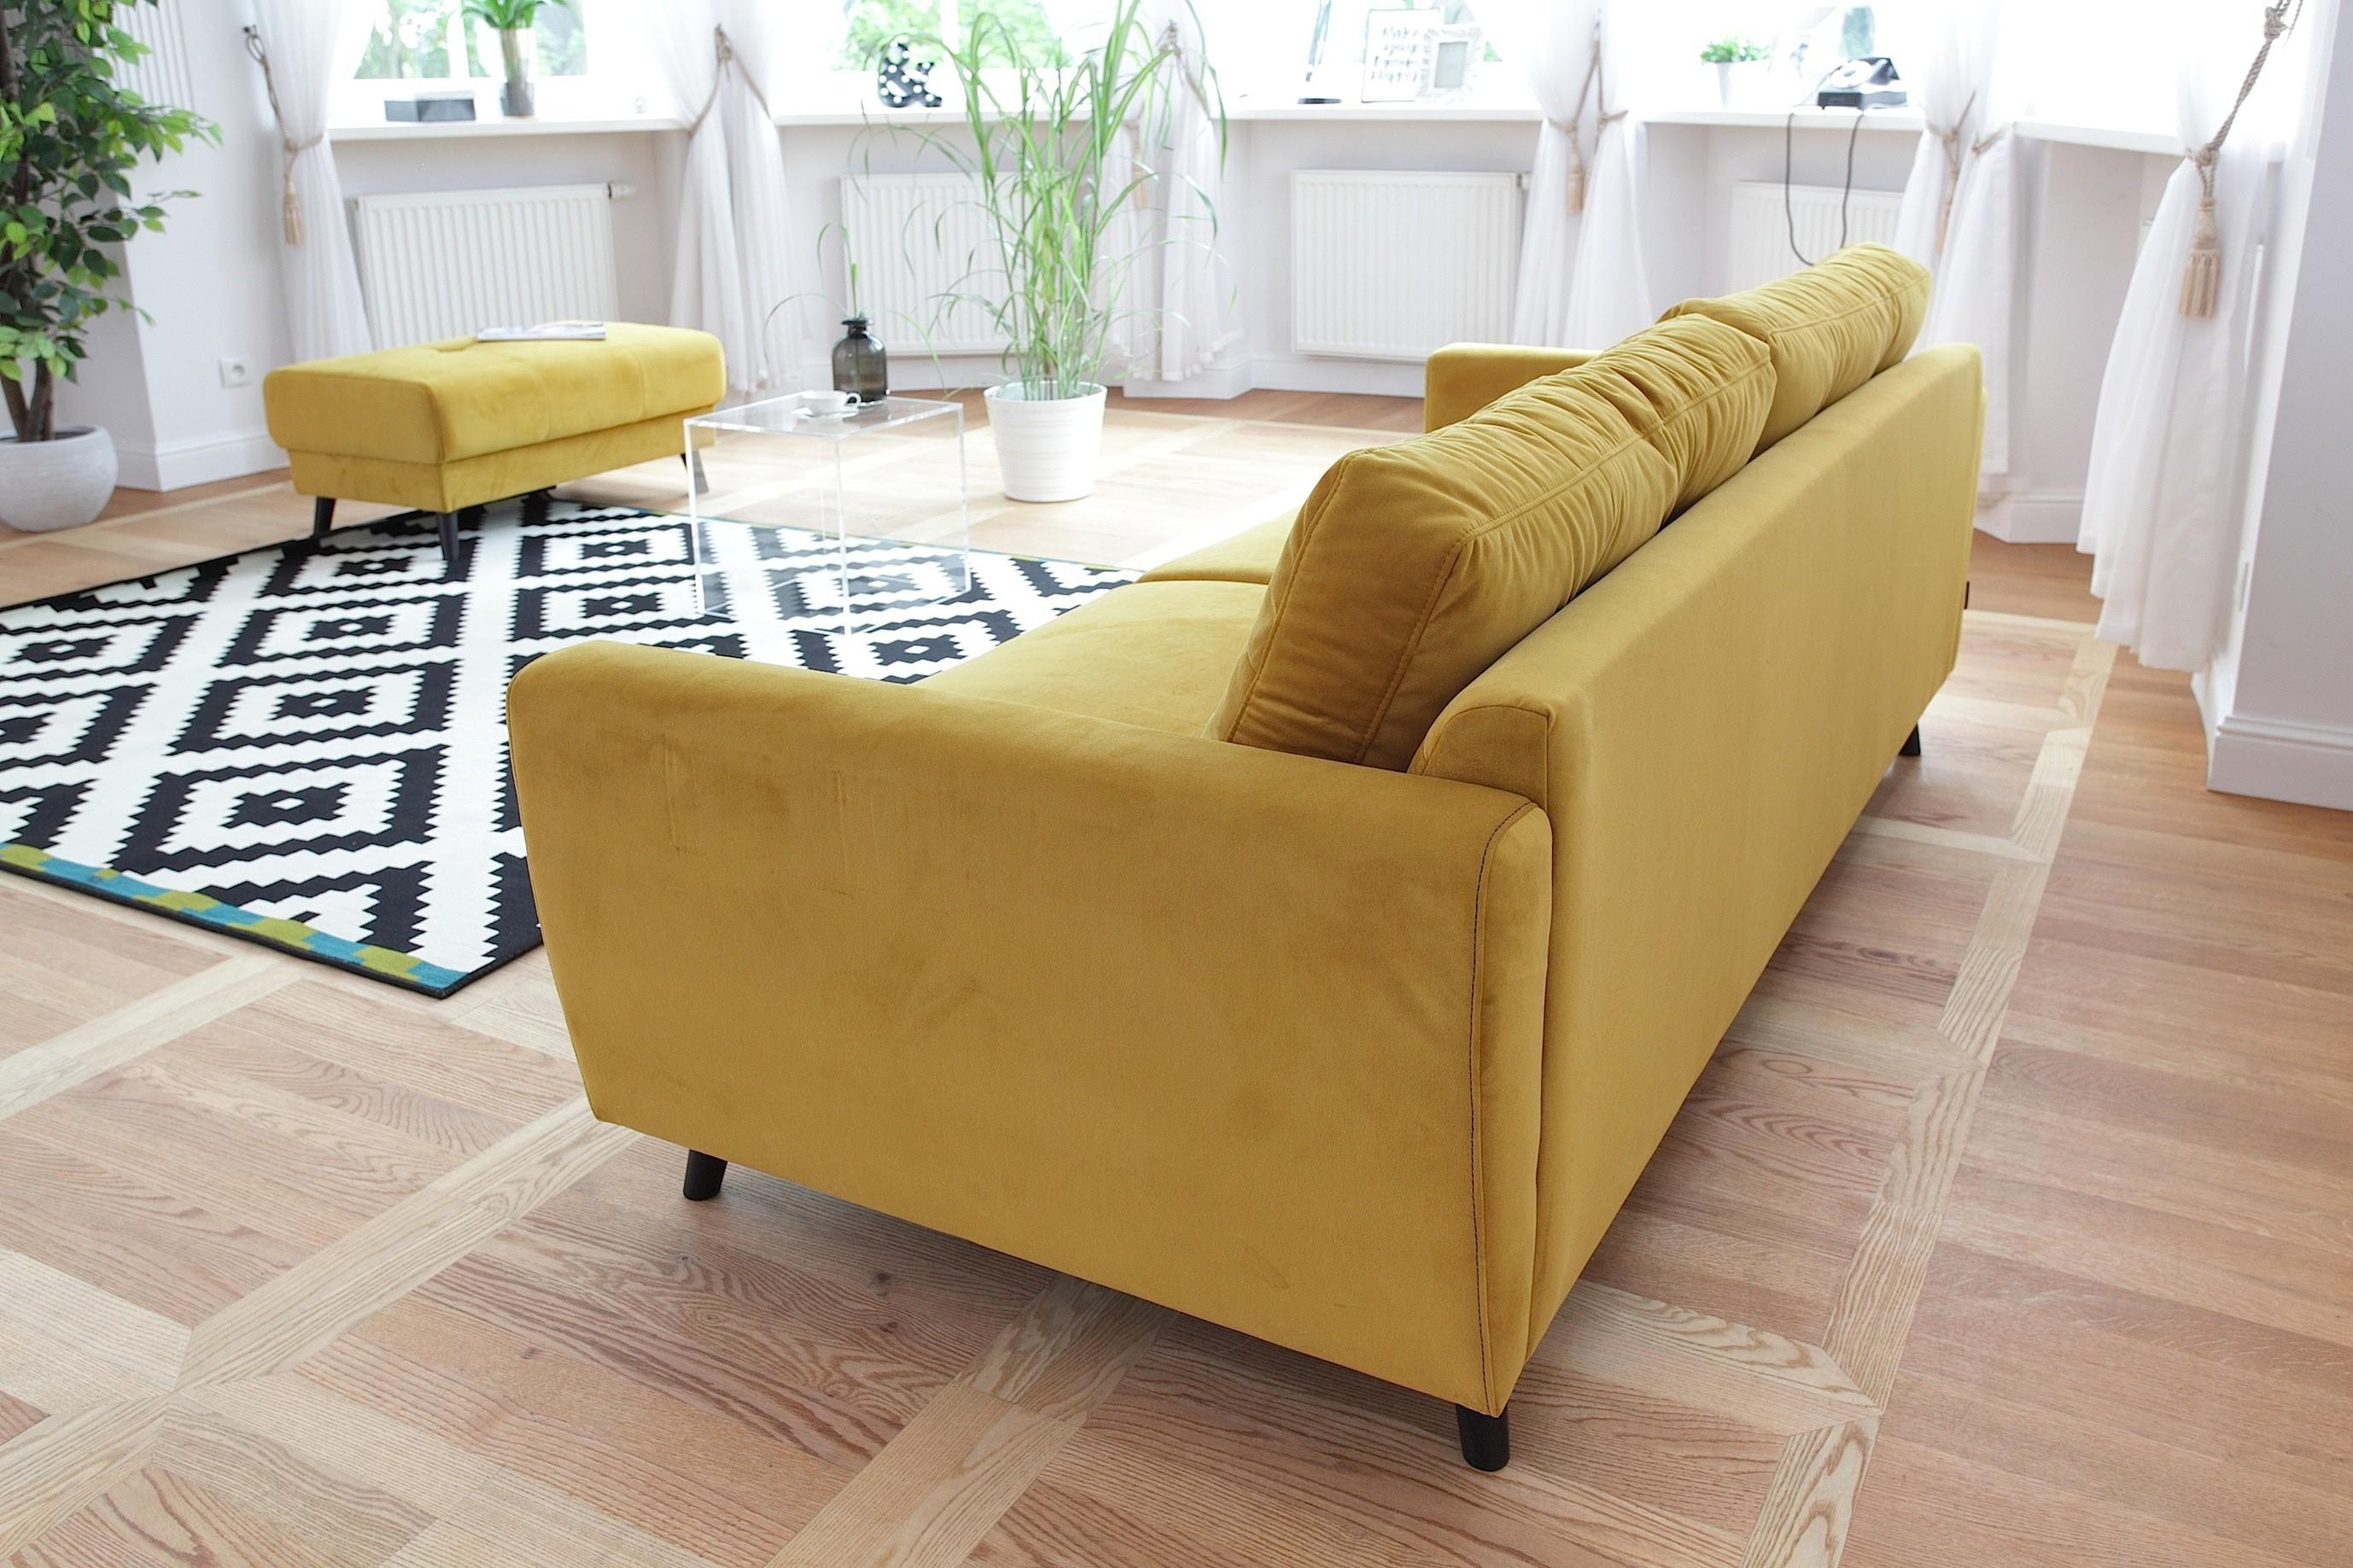 bobochic scandi edition limit e canap fixe pouf 3 places jaune moutarde 90cm x. Black Bedroom Furniture Sets. Home Design Ideas